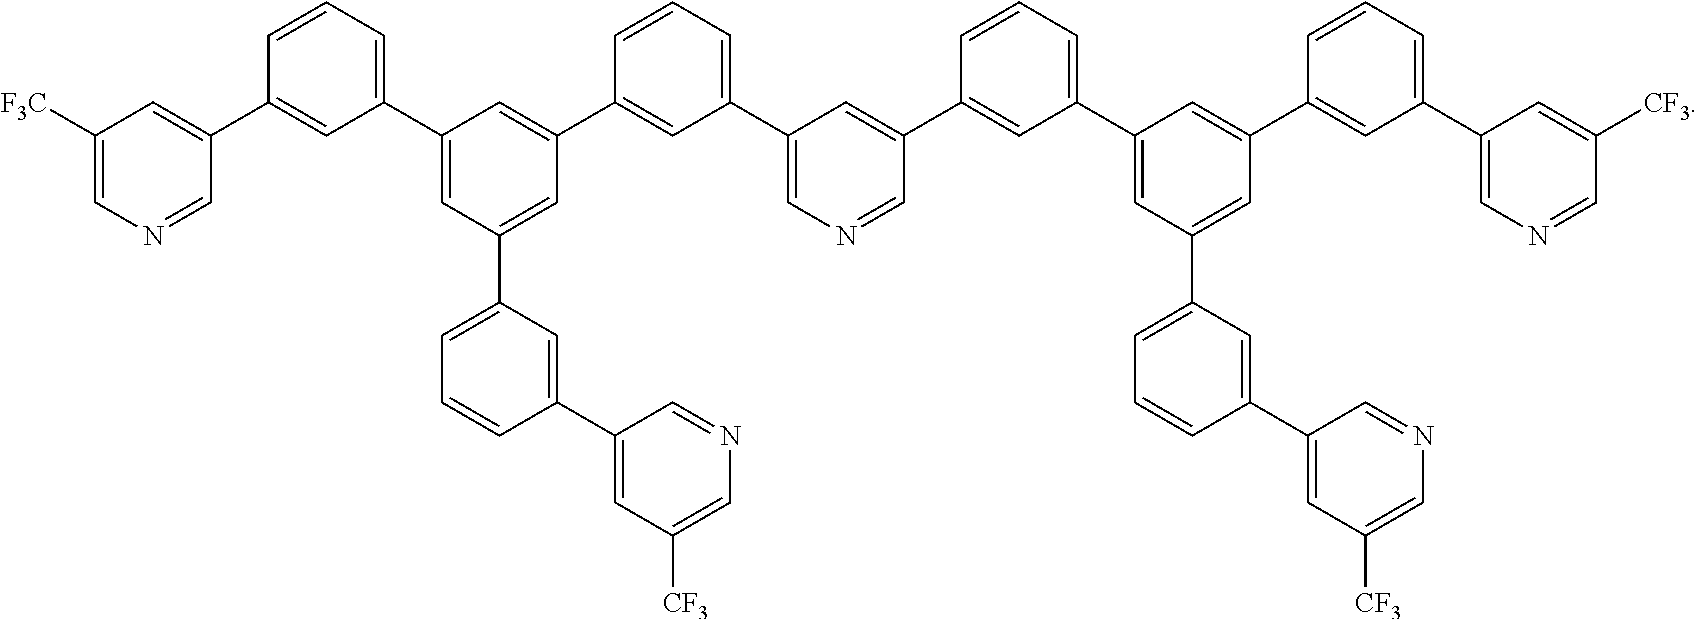 Figure US09711748-20170718-C00015